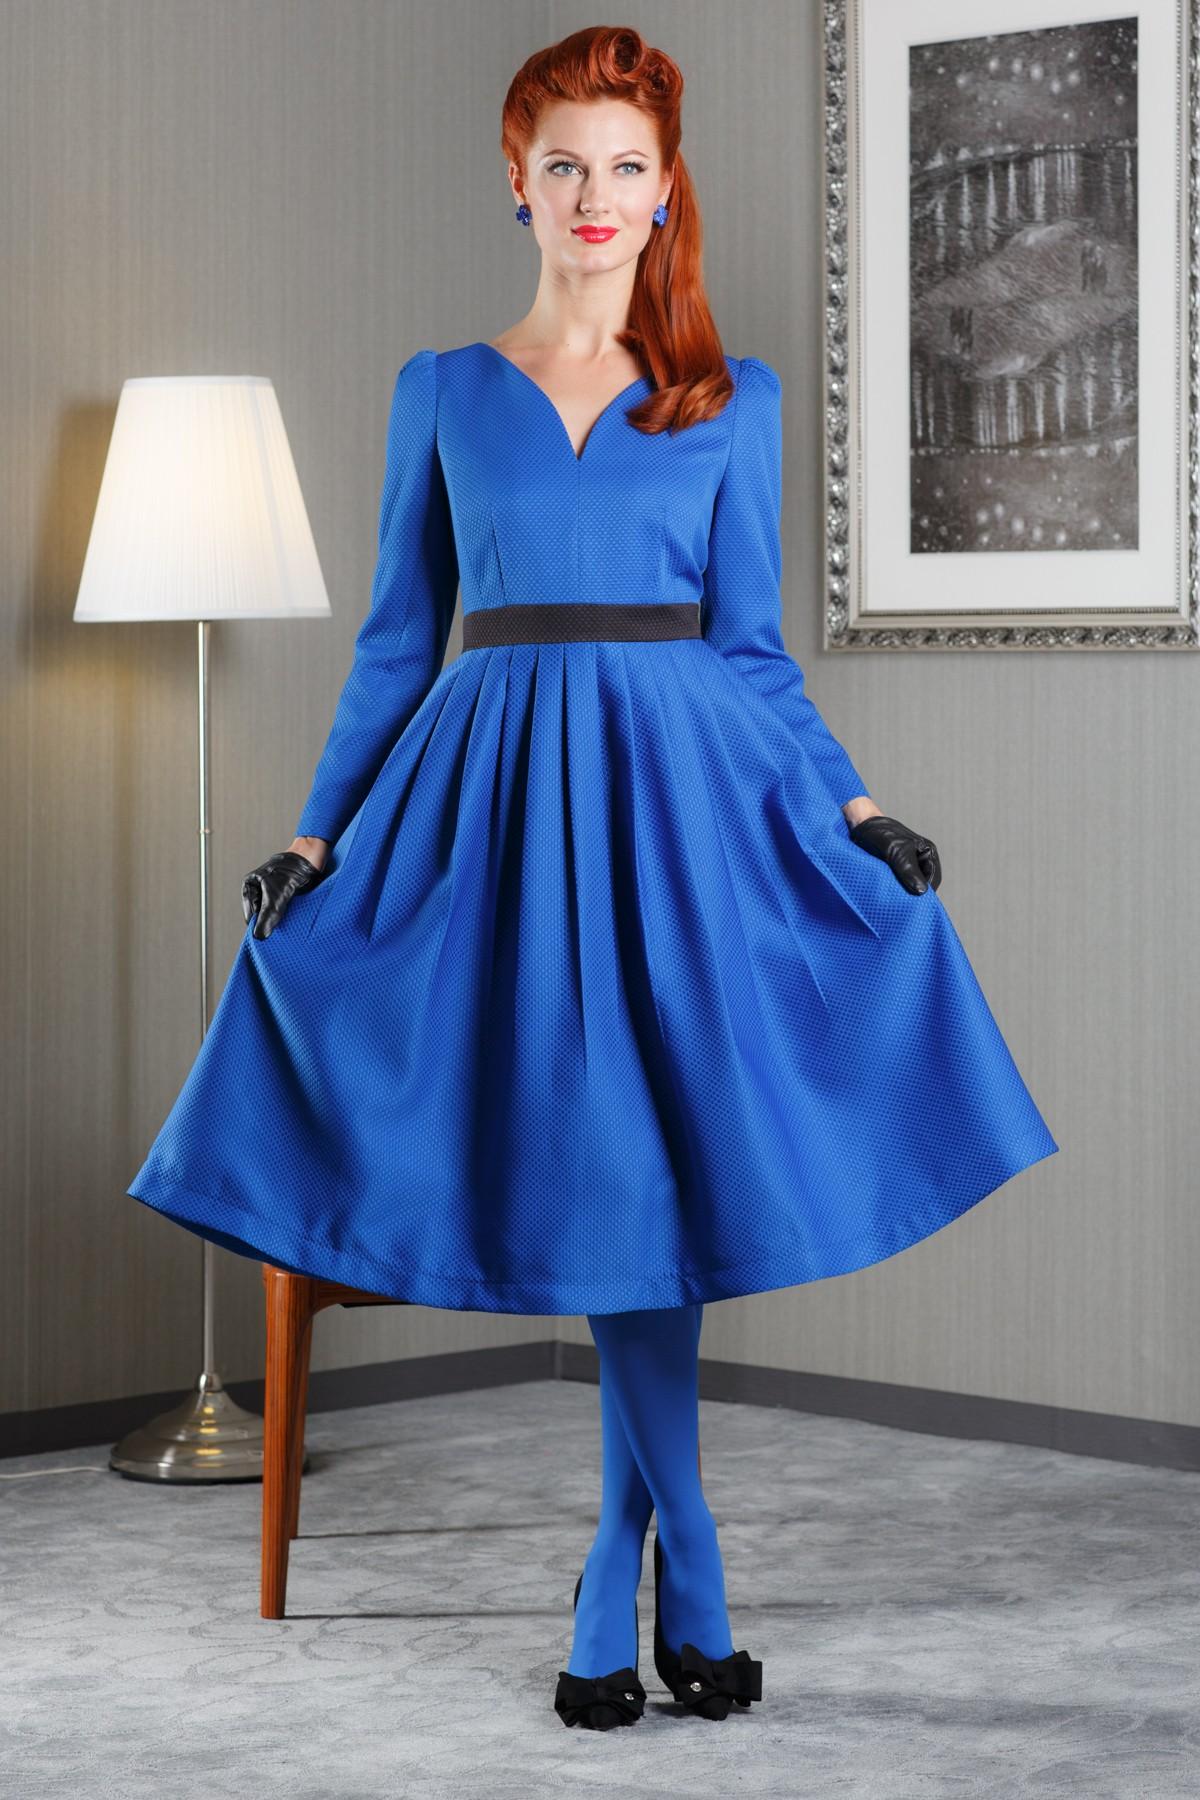 ПлатьеПлатья<br>Женское платье с V-образной горловиной и длинными рукавами. Модель выполнена из плотного материала. Отличный выбор для повседневного и делового гардероба.  Цвет: синий с черным<br><br>Горловина: V- горловина,Фигурная горловина<br>По материалу: Вискоза,Тканевые,Жаккард<br>По образу: Город,Свидание<br>По рисунку: Однотонные<br>По сезону: Весна,Осень<br>По силуэту: Полуприталенные<br>По стилю: Молодежный стиль,Повседневный стиль<br>По длине: Ниже колена<br>По форме: Беби - долл<br>По элементам: Со складками<br>Рукав: Длинный рукав<br>Размер : 48<br>Материал: Жаккард<br>Количество в наличии: 1